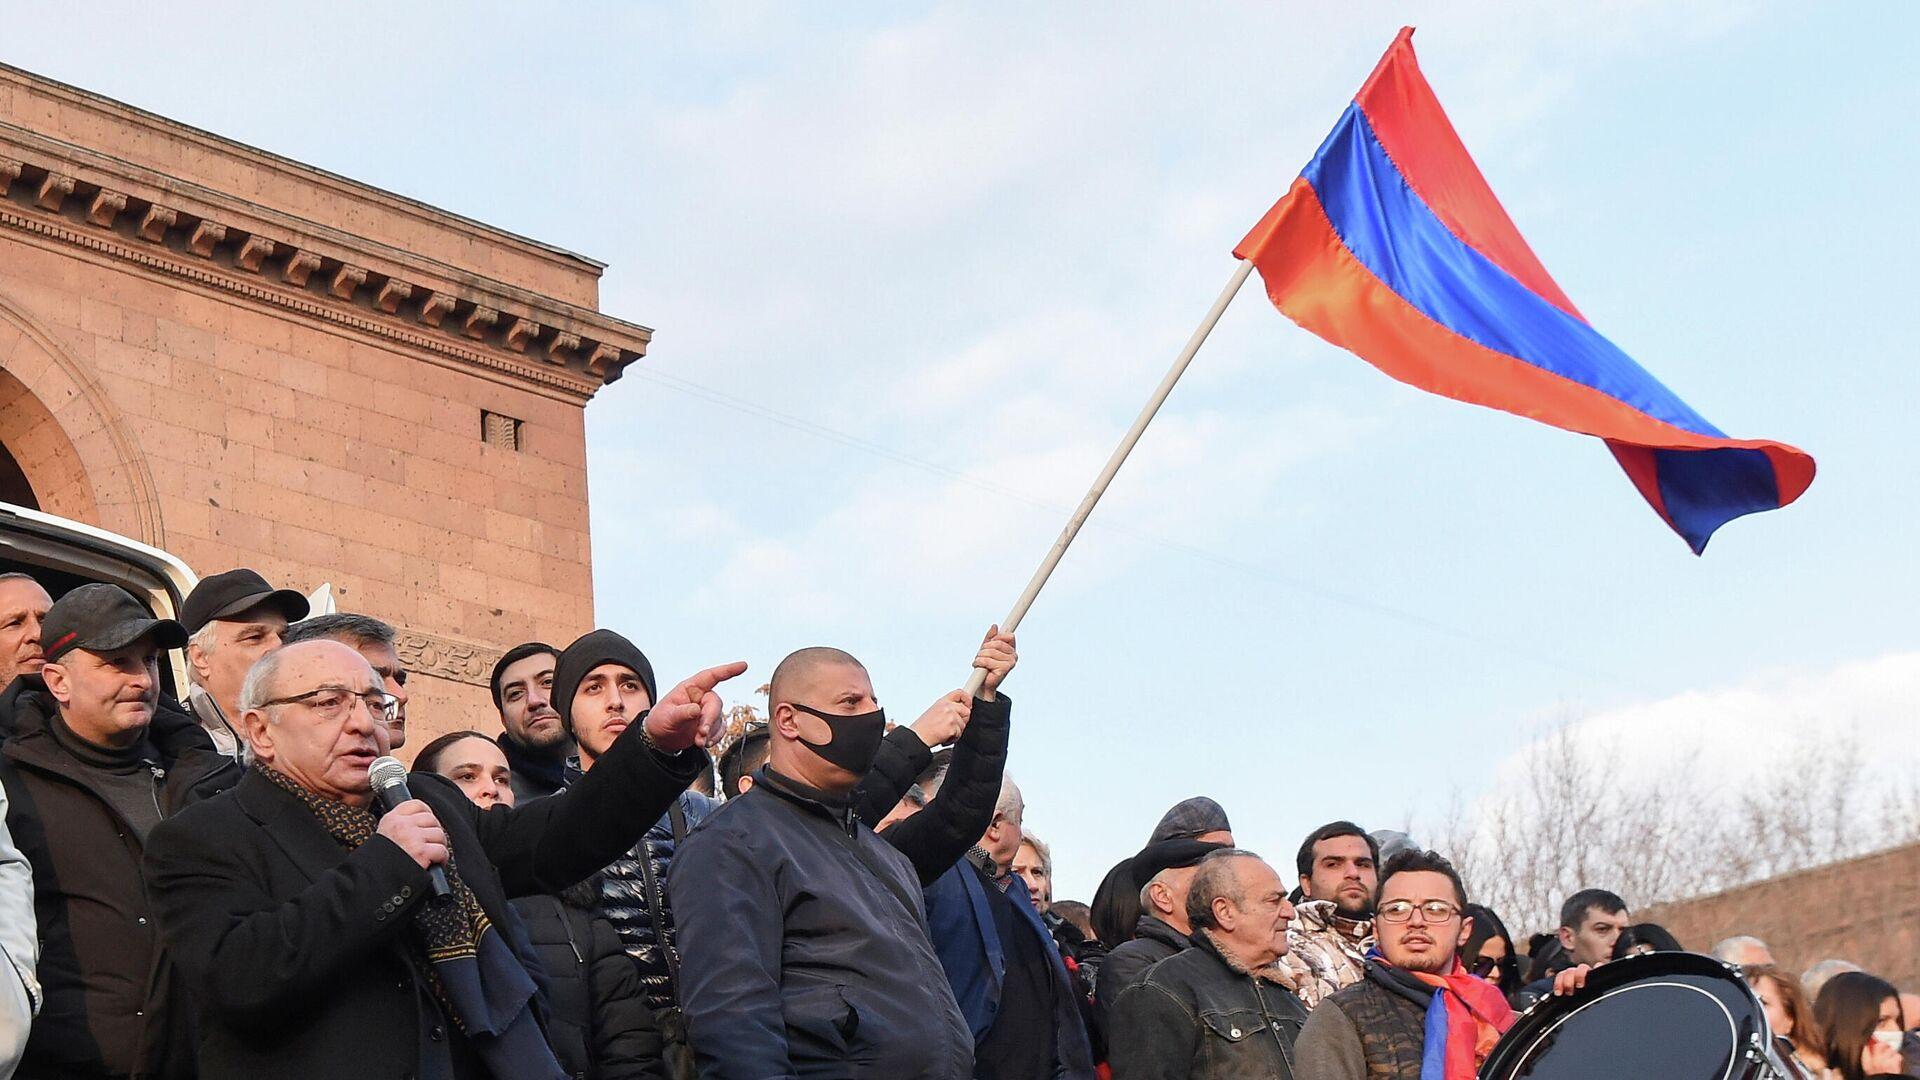 Las protestas en Armenia - Sputnik Mundo, 1920, 26.02.2021